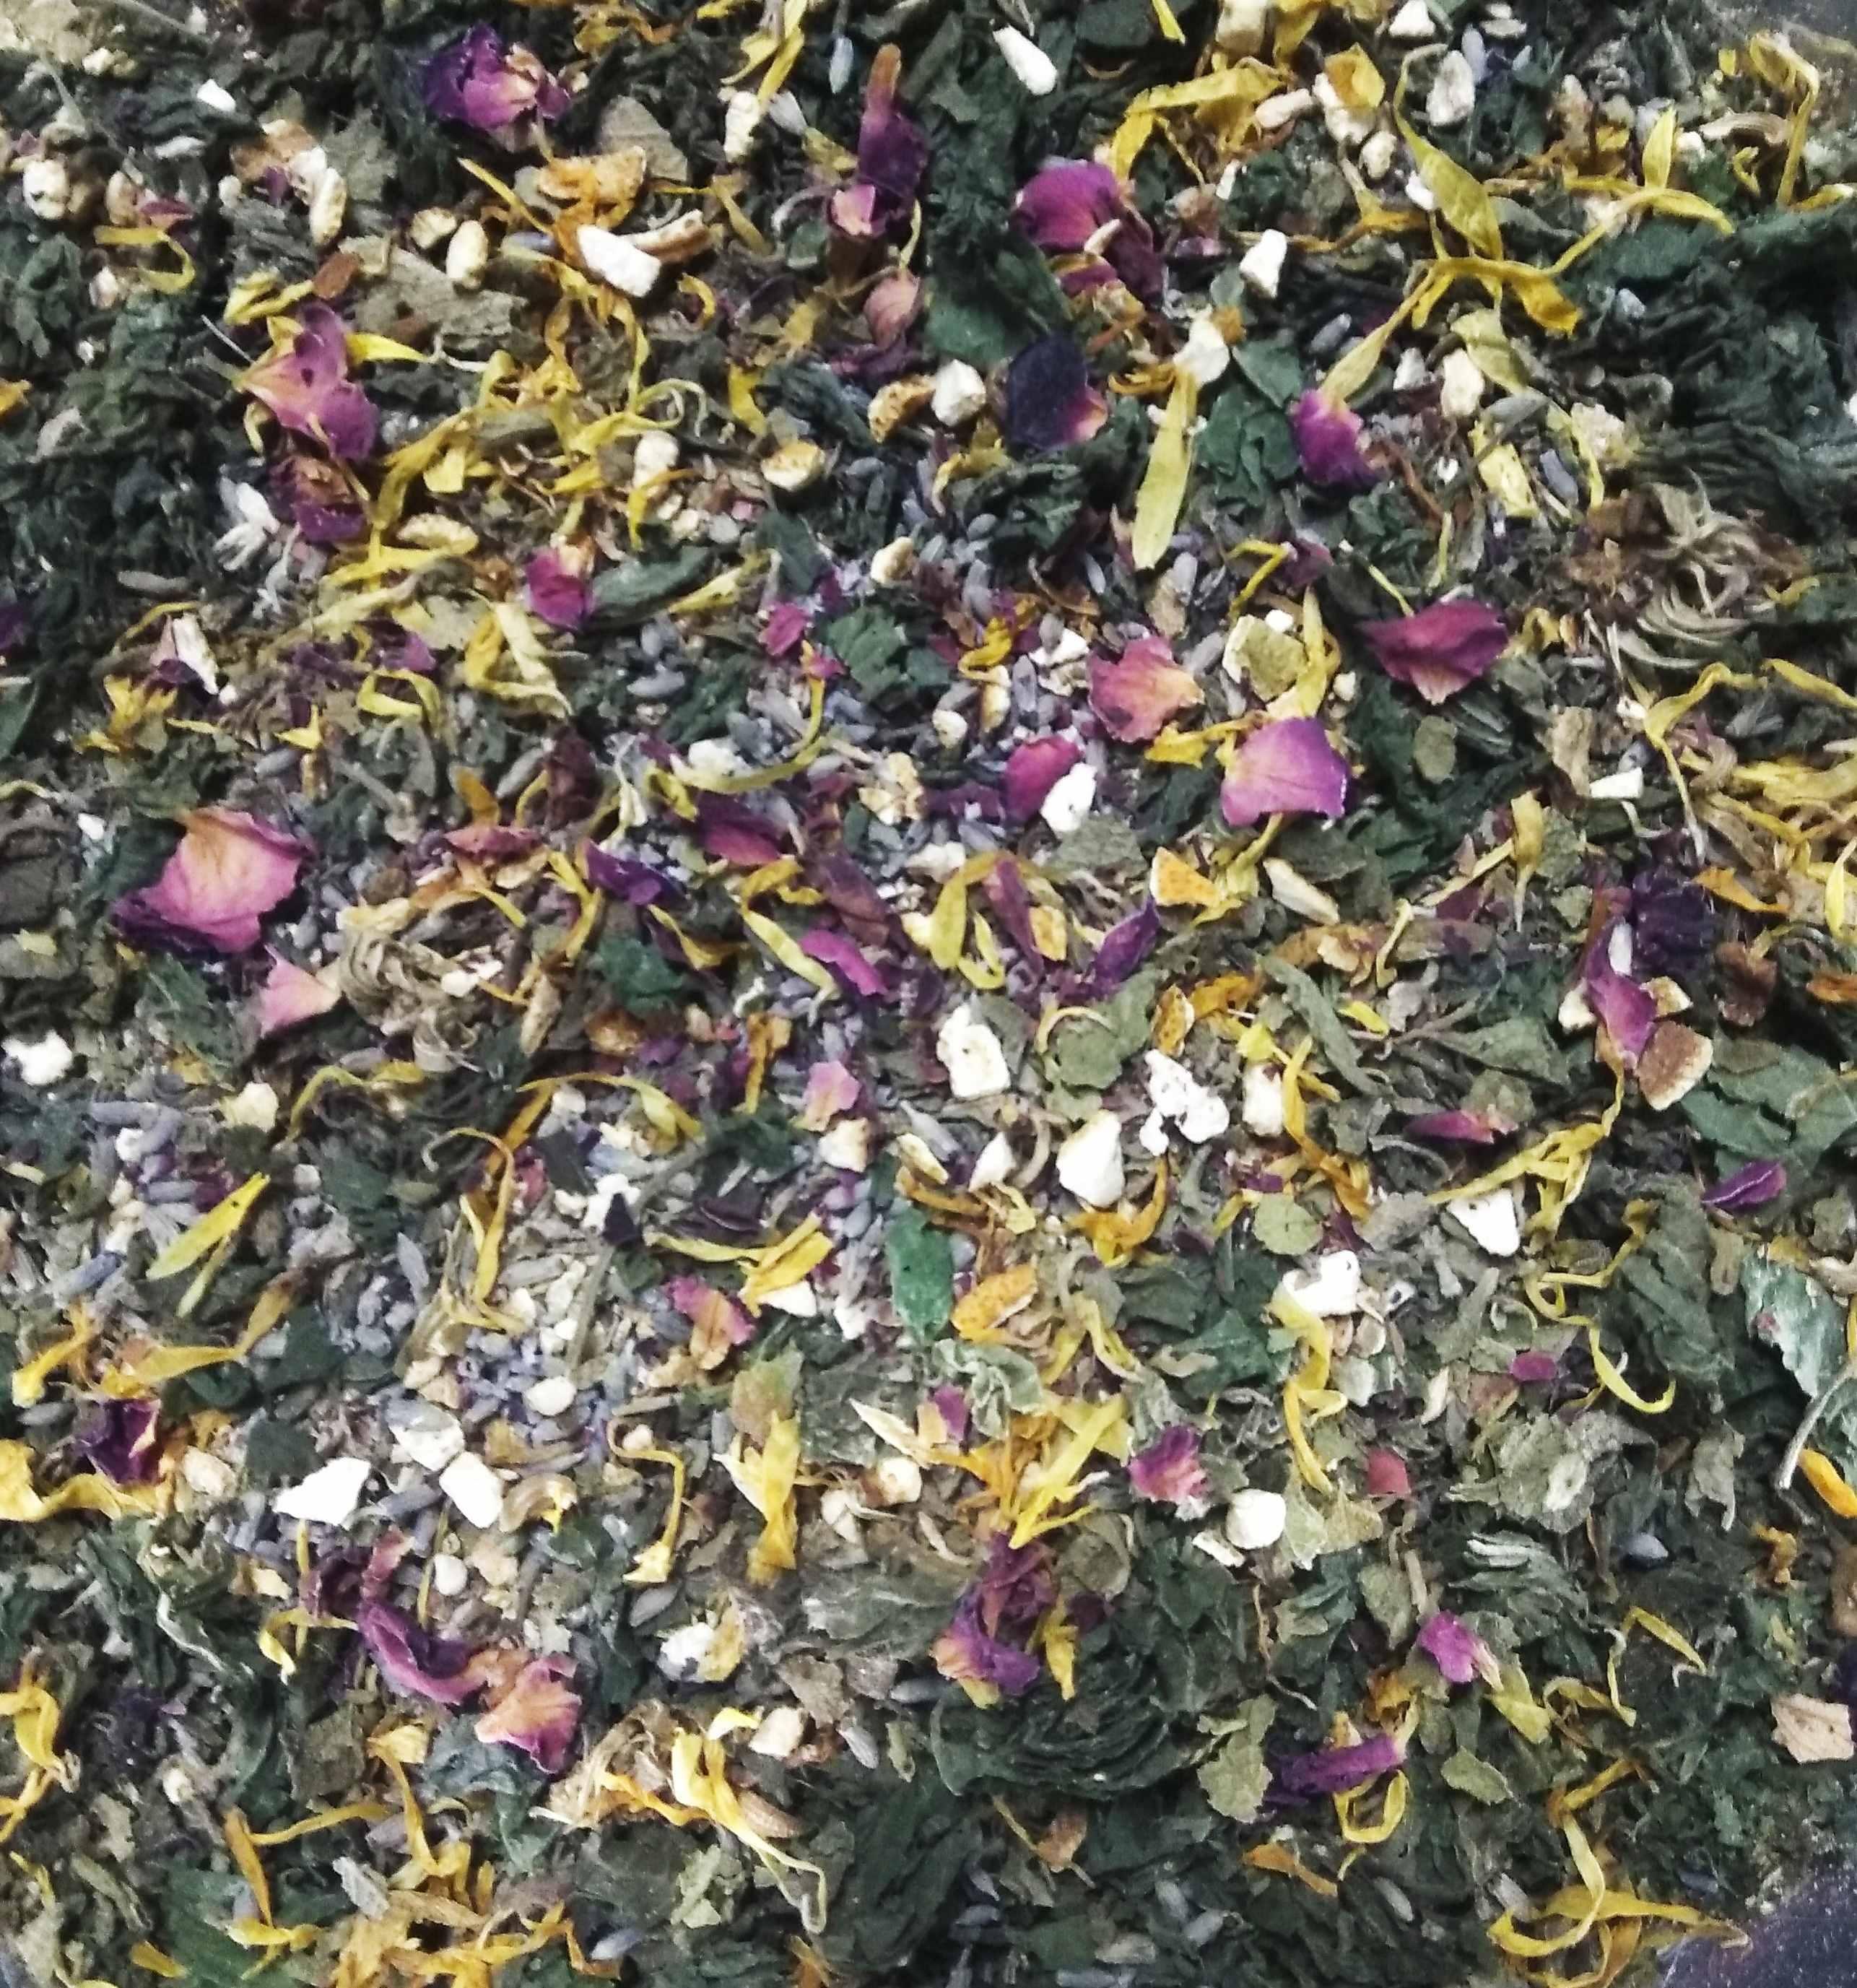 ανοιξιάτικο τσάι για ευεξία - spring tea